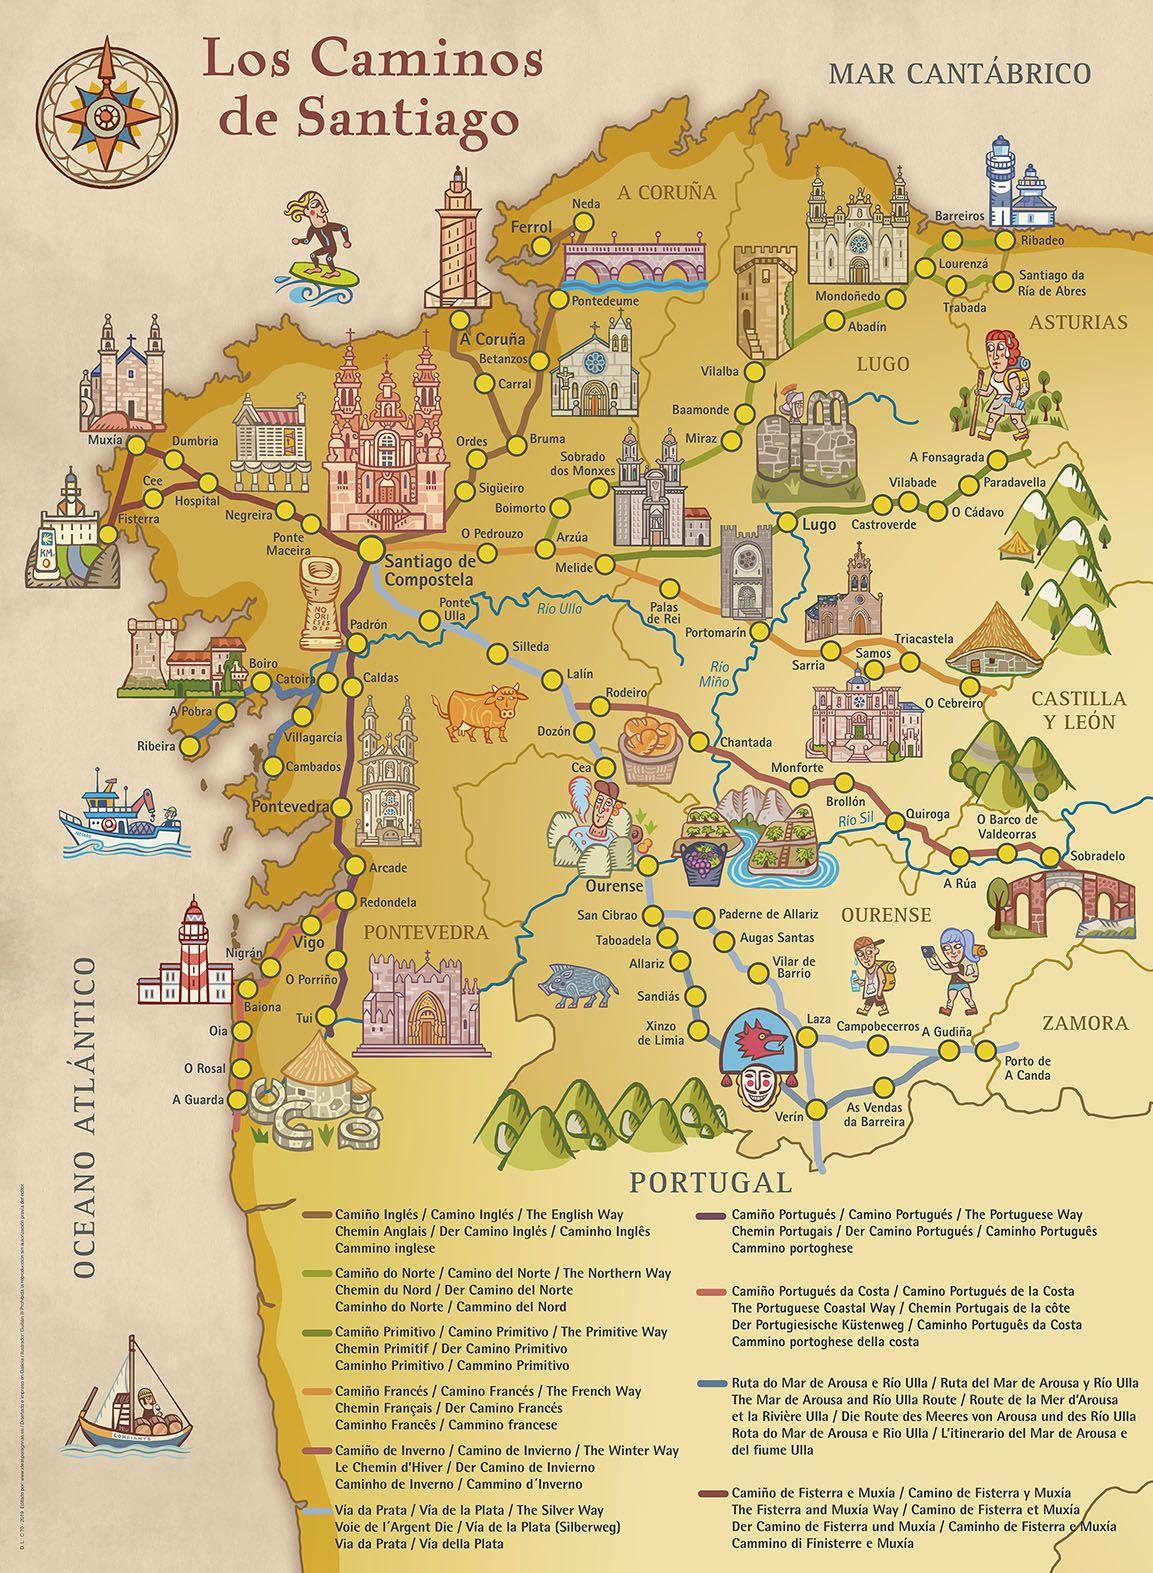 Mapa De Los Caminos De Santiago In 2020 Galizien Landkarte Reisen